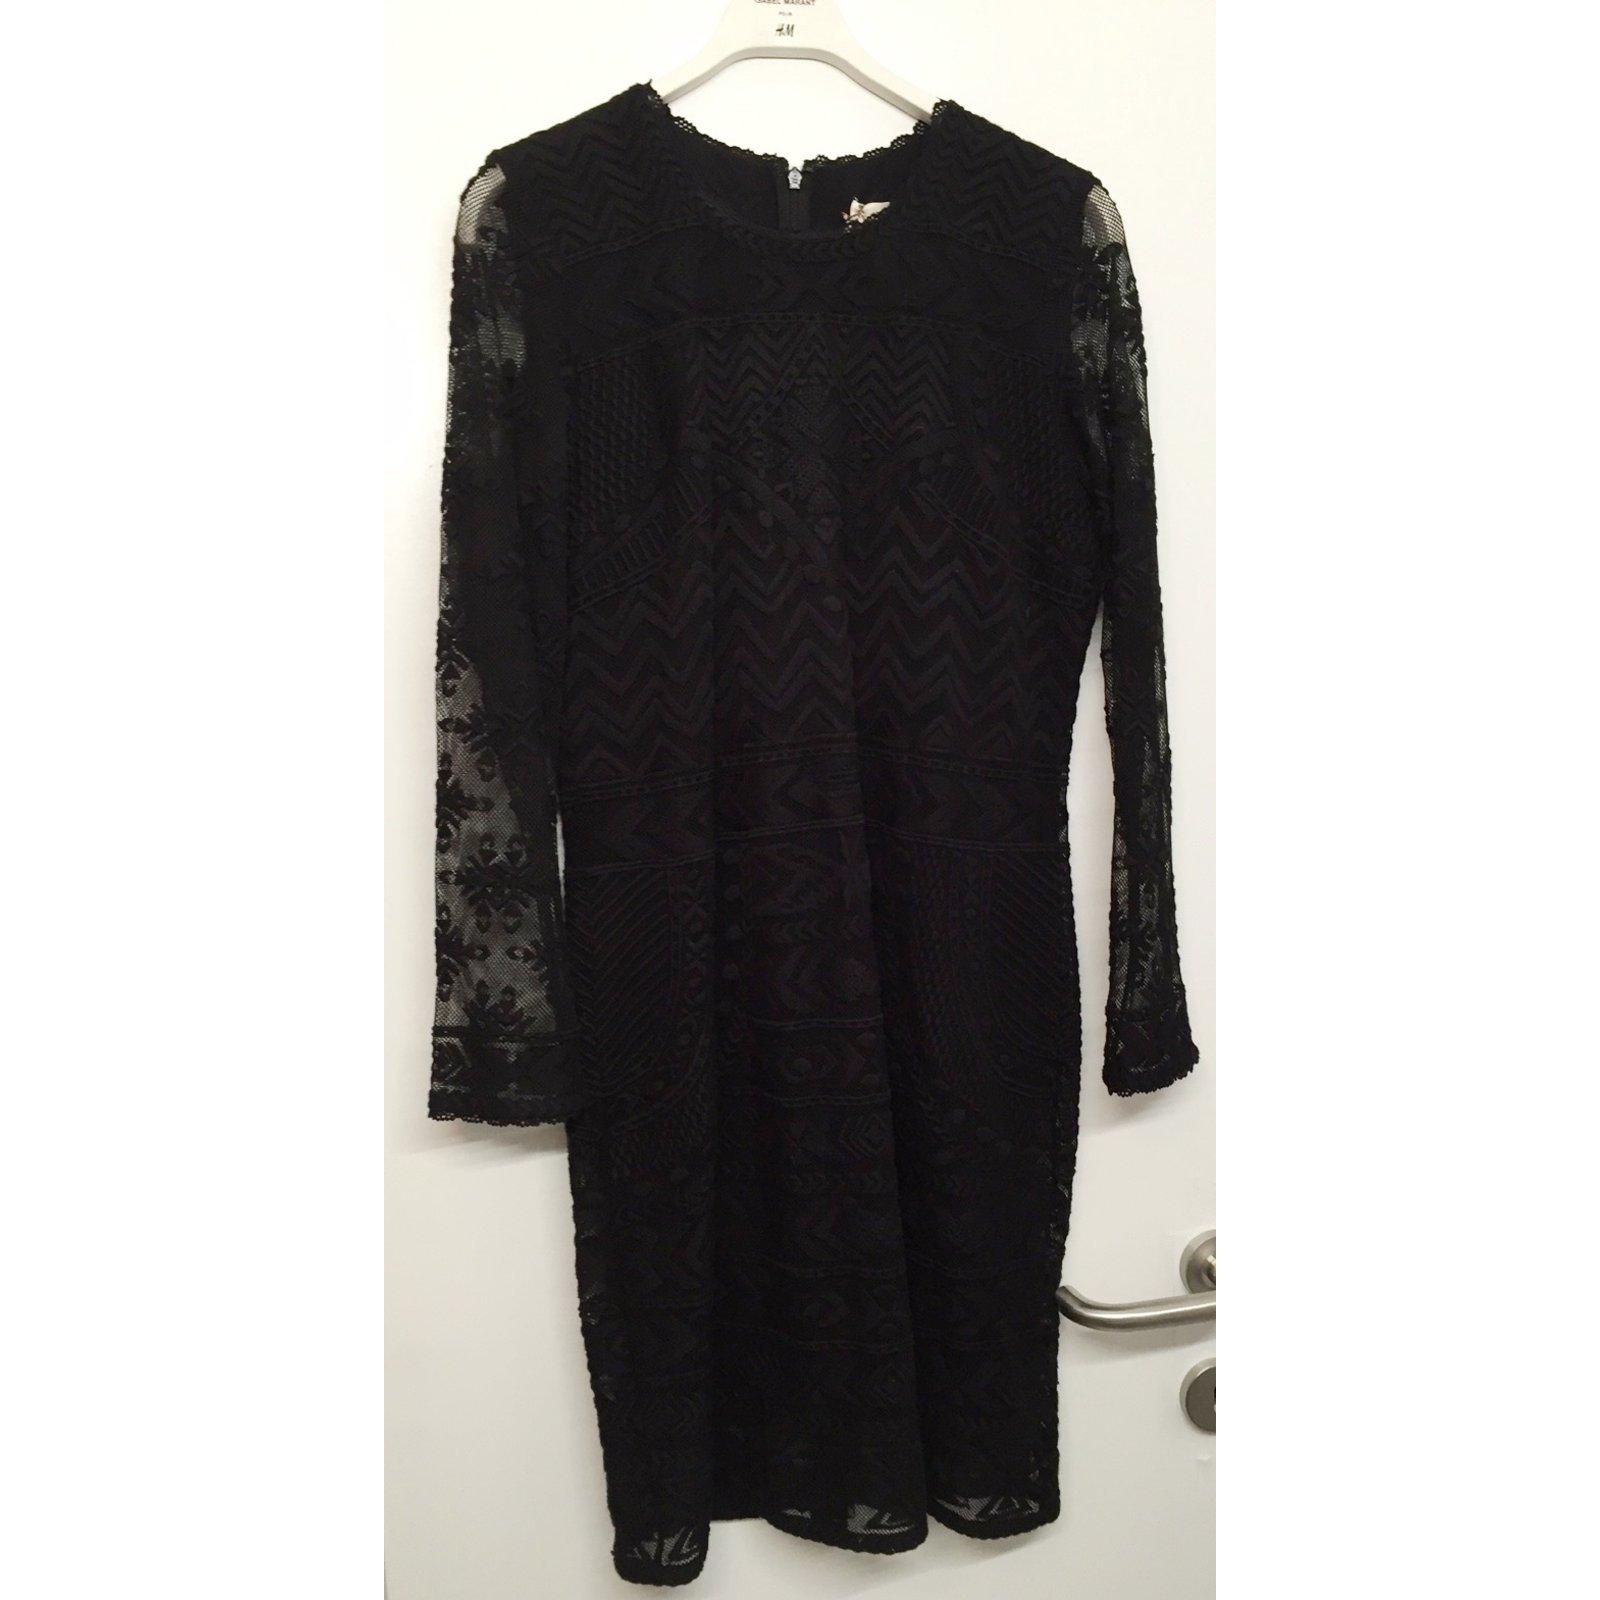 Robe dentelle noire manches longues isabel marant Pour H&M